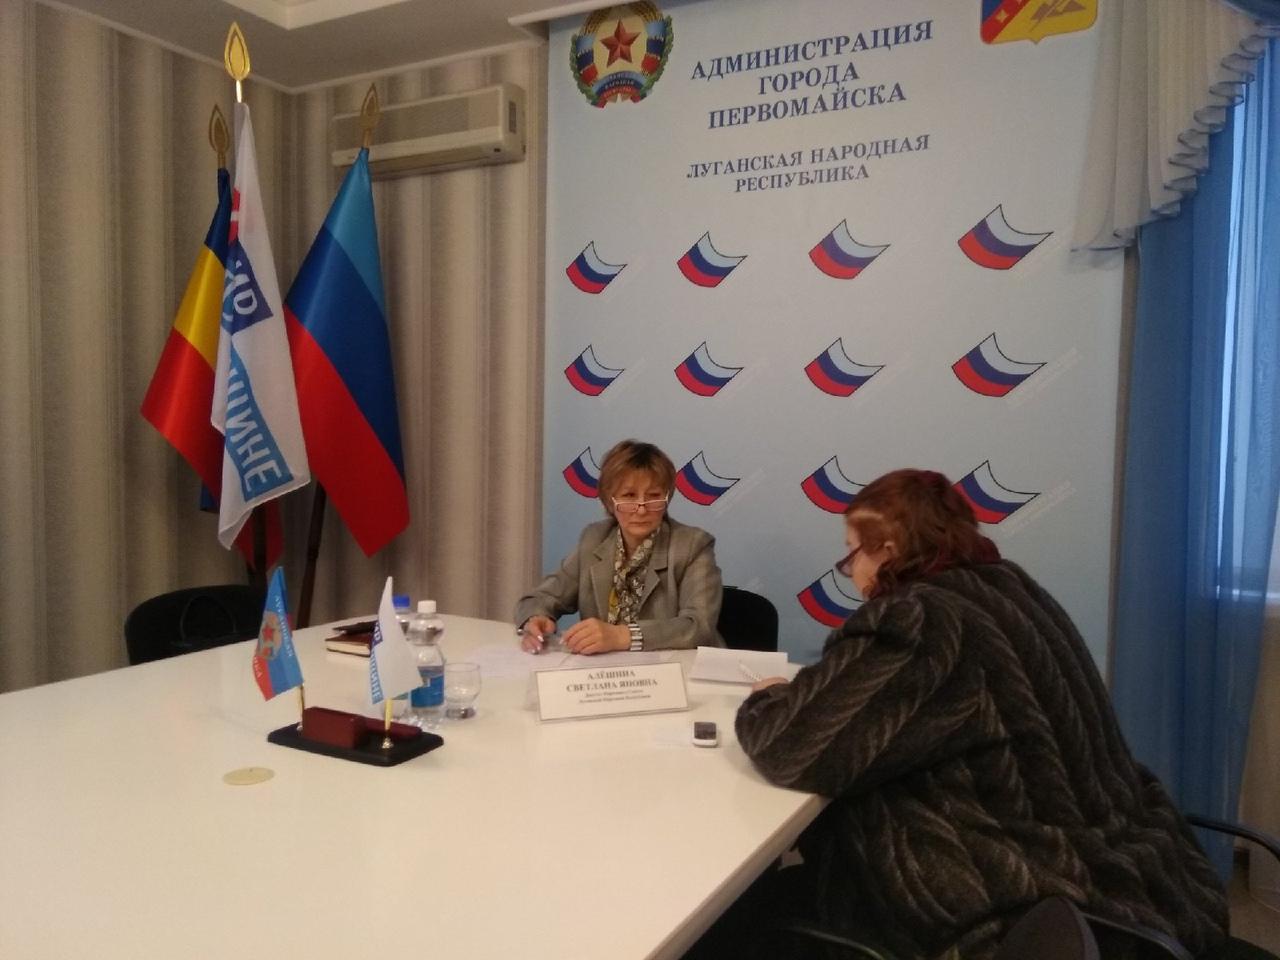 Светлана Алёшина встретилась с жителями Первомайска